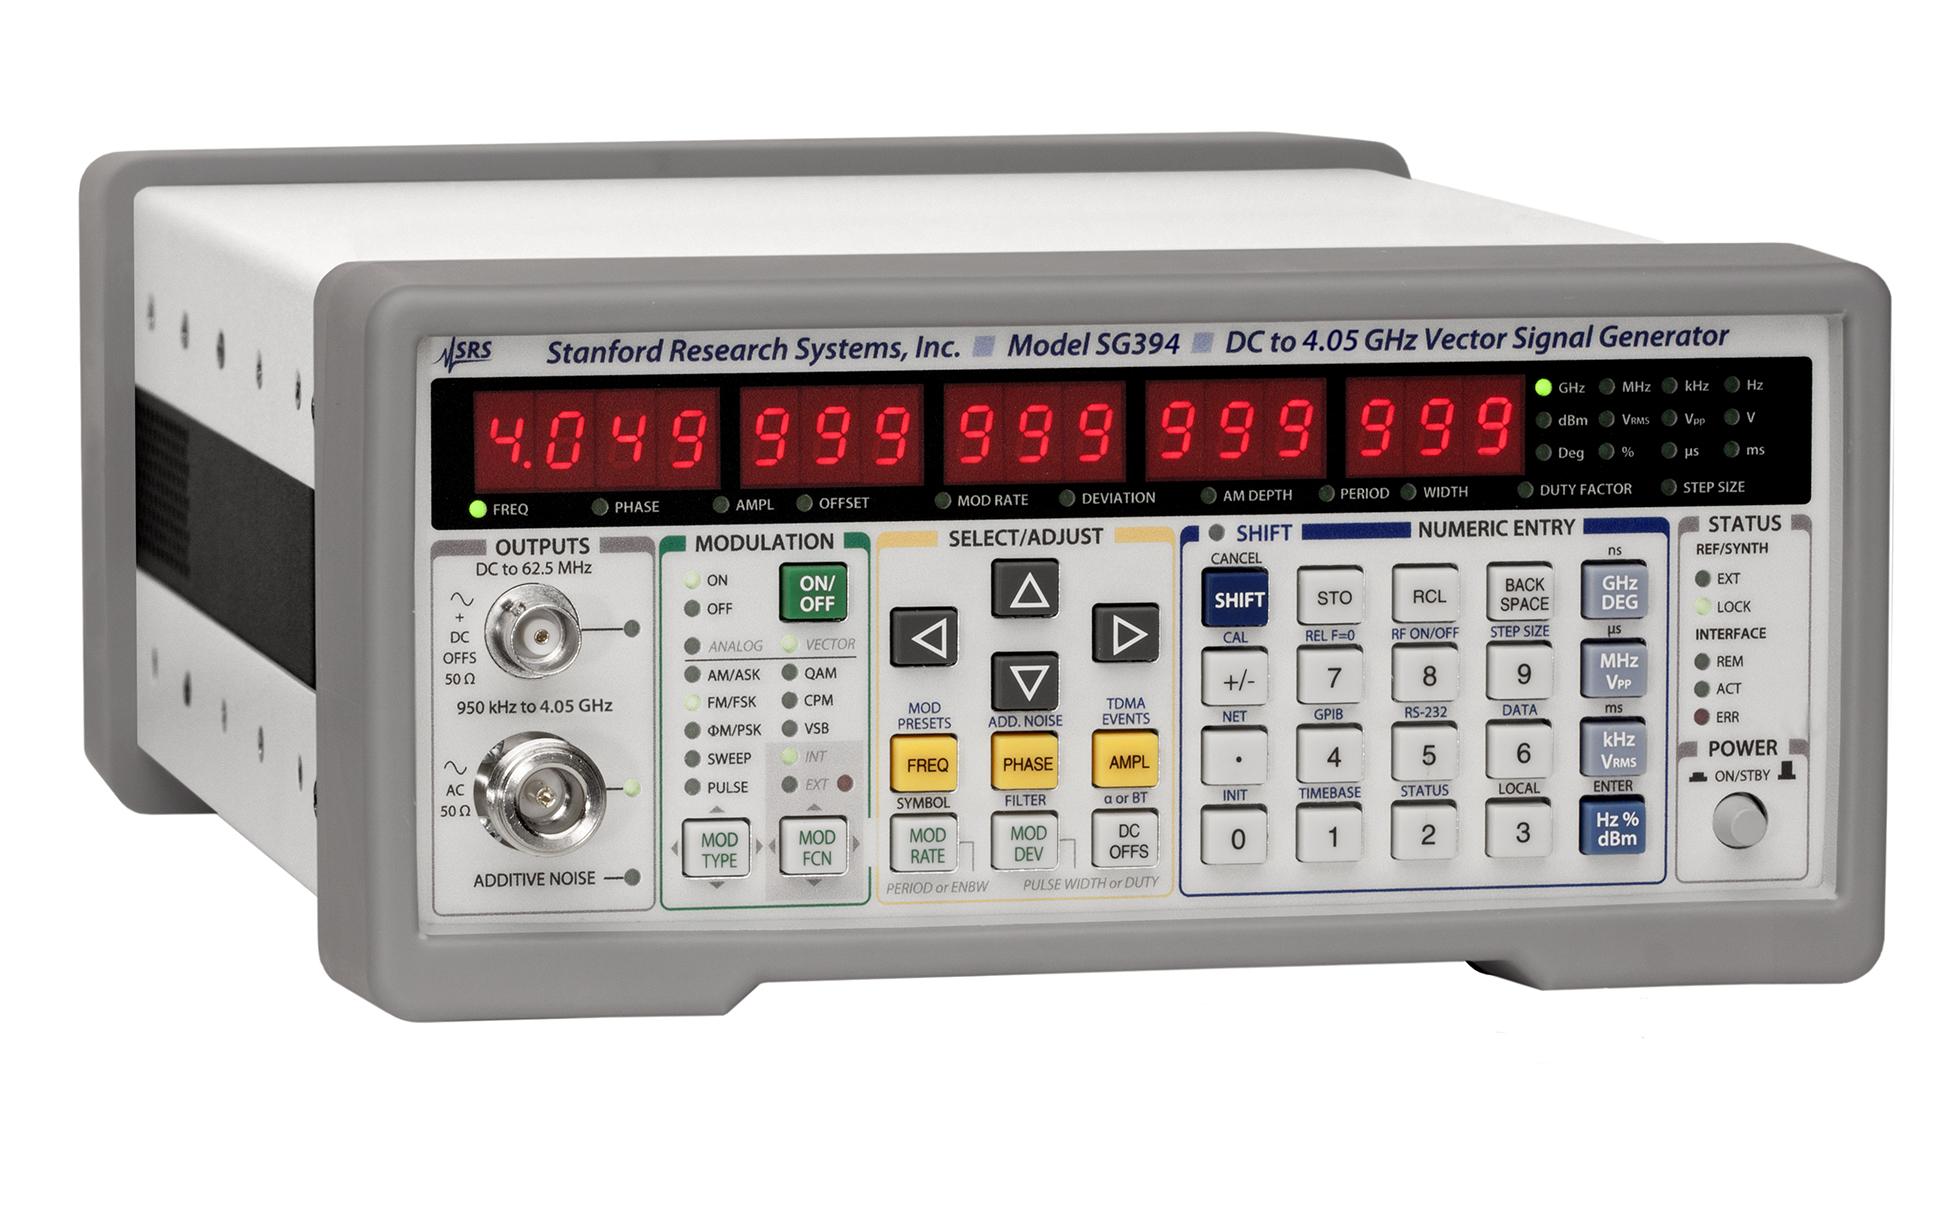 Stanford Research Systems SG394 векторный генератор ВЧ сигналов